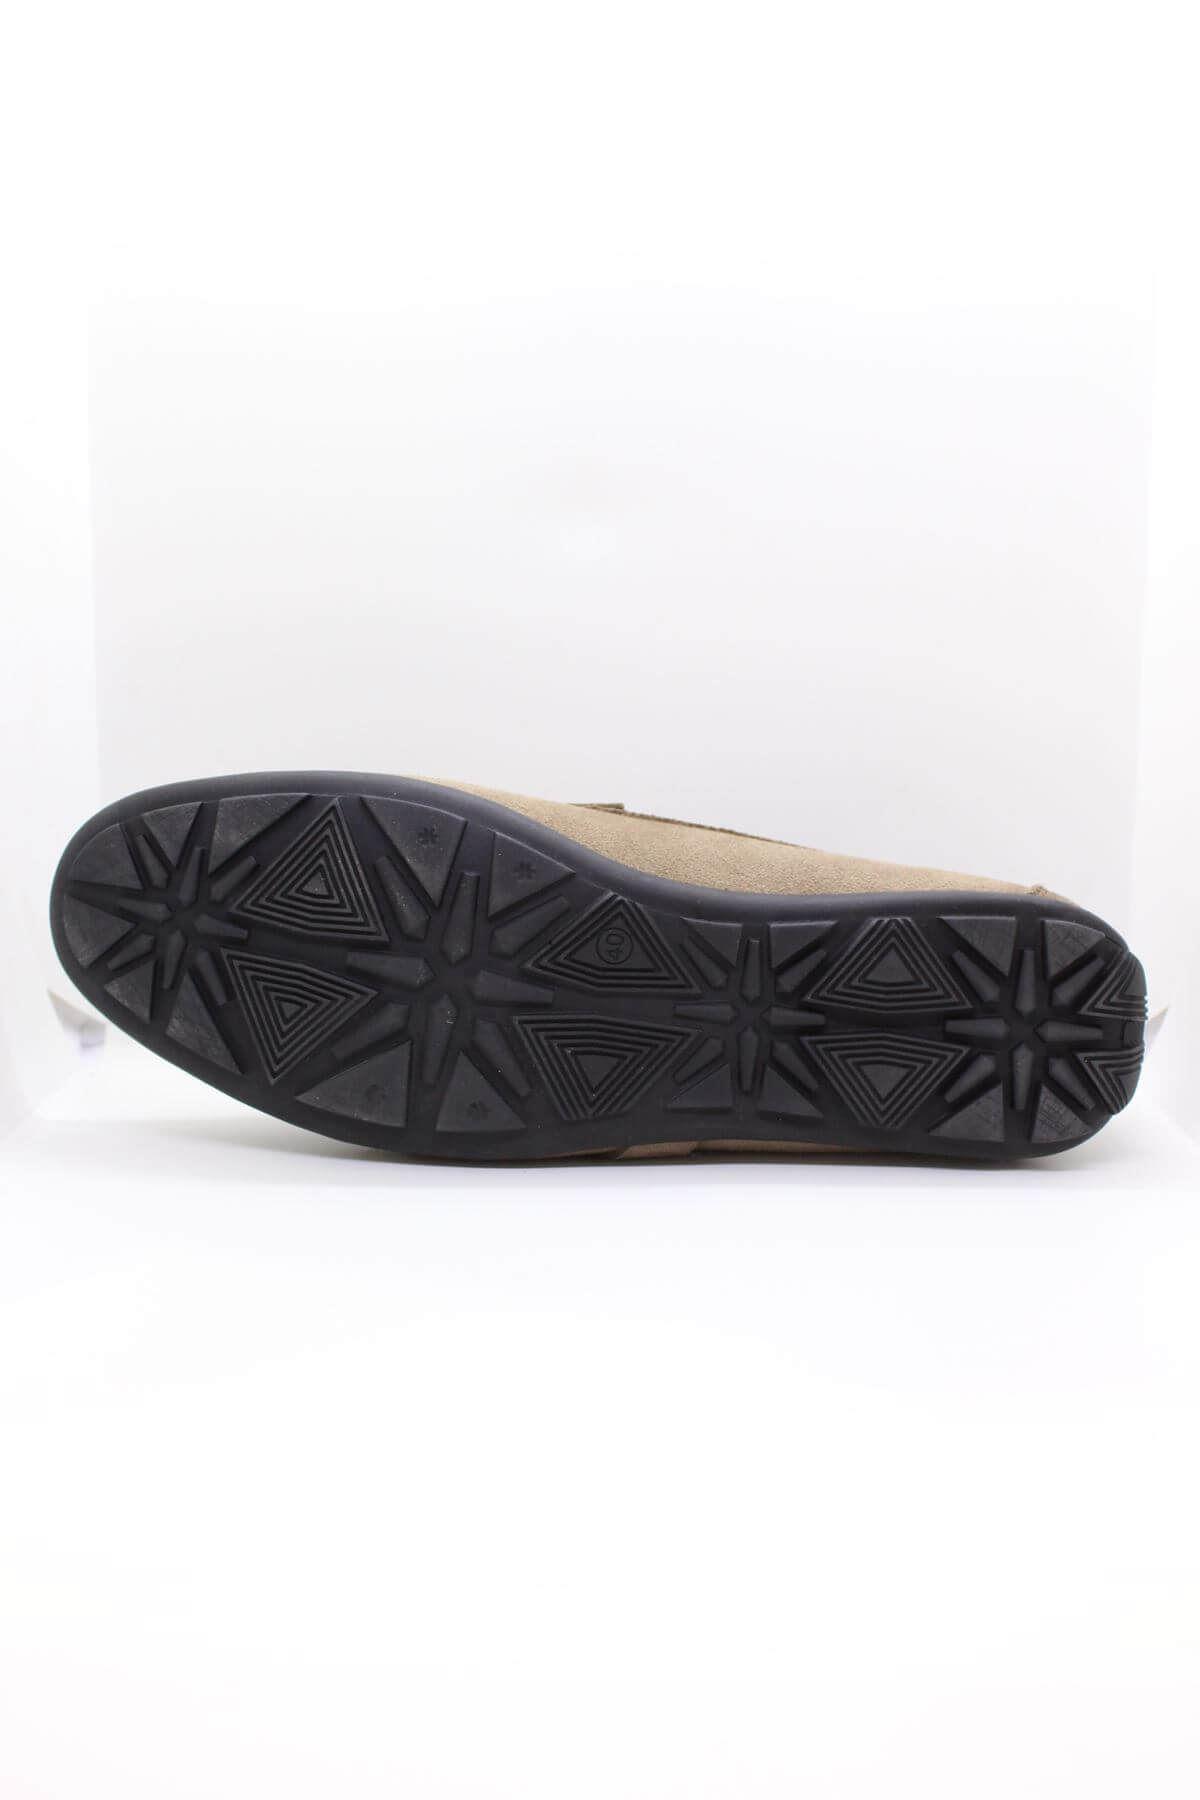 Darkwood  94507 Tokalı Hakiki Deri Süet Vizon Günlük Erkek Ayakkabı